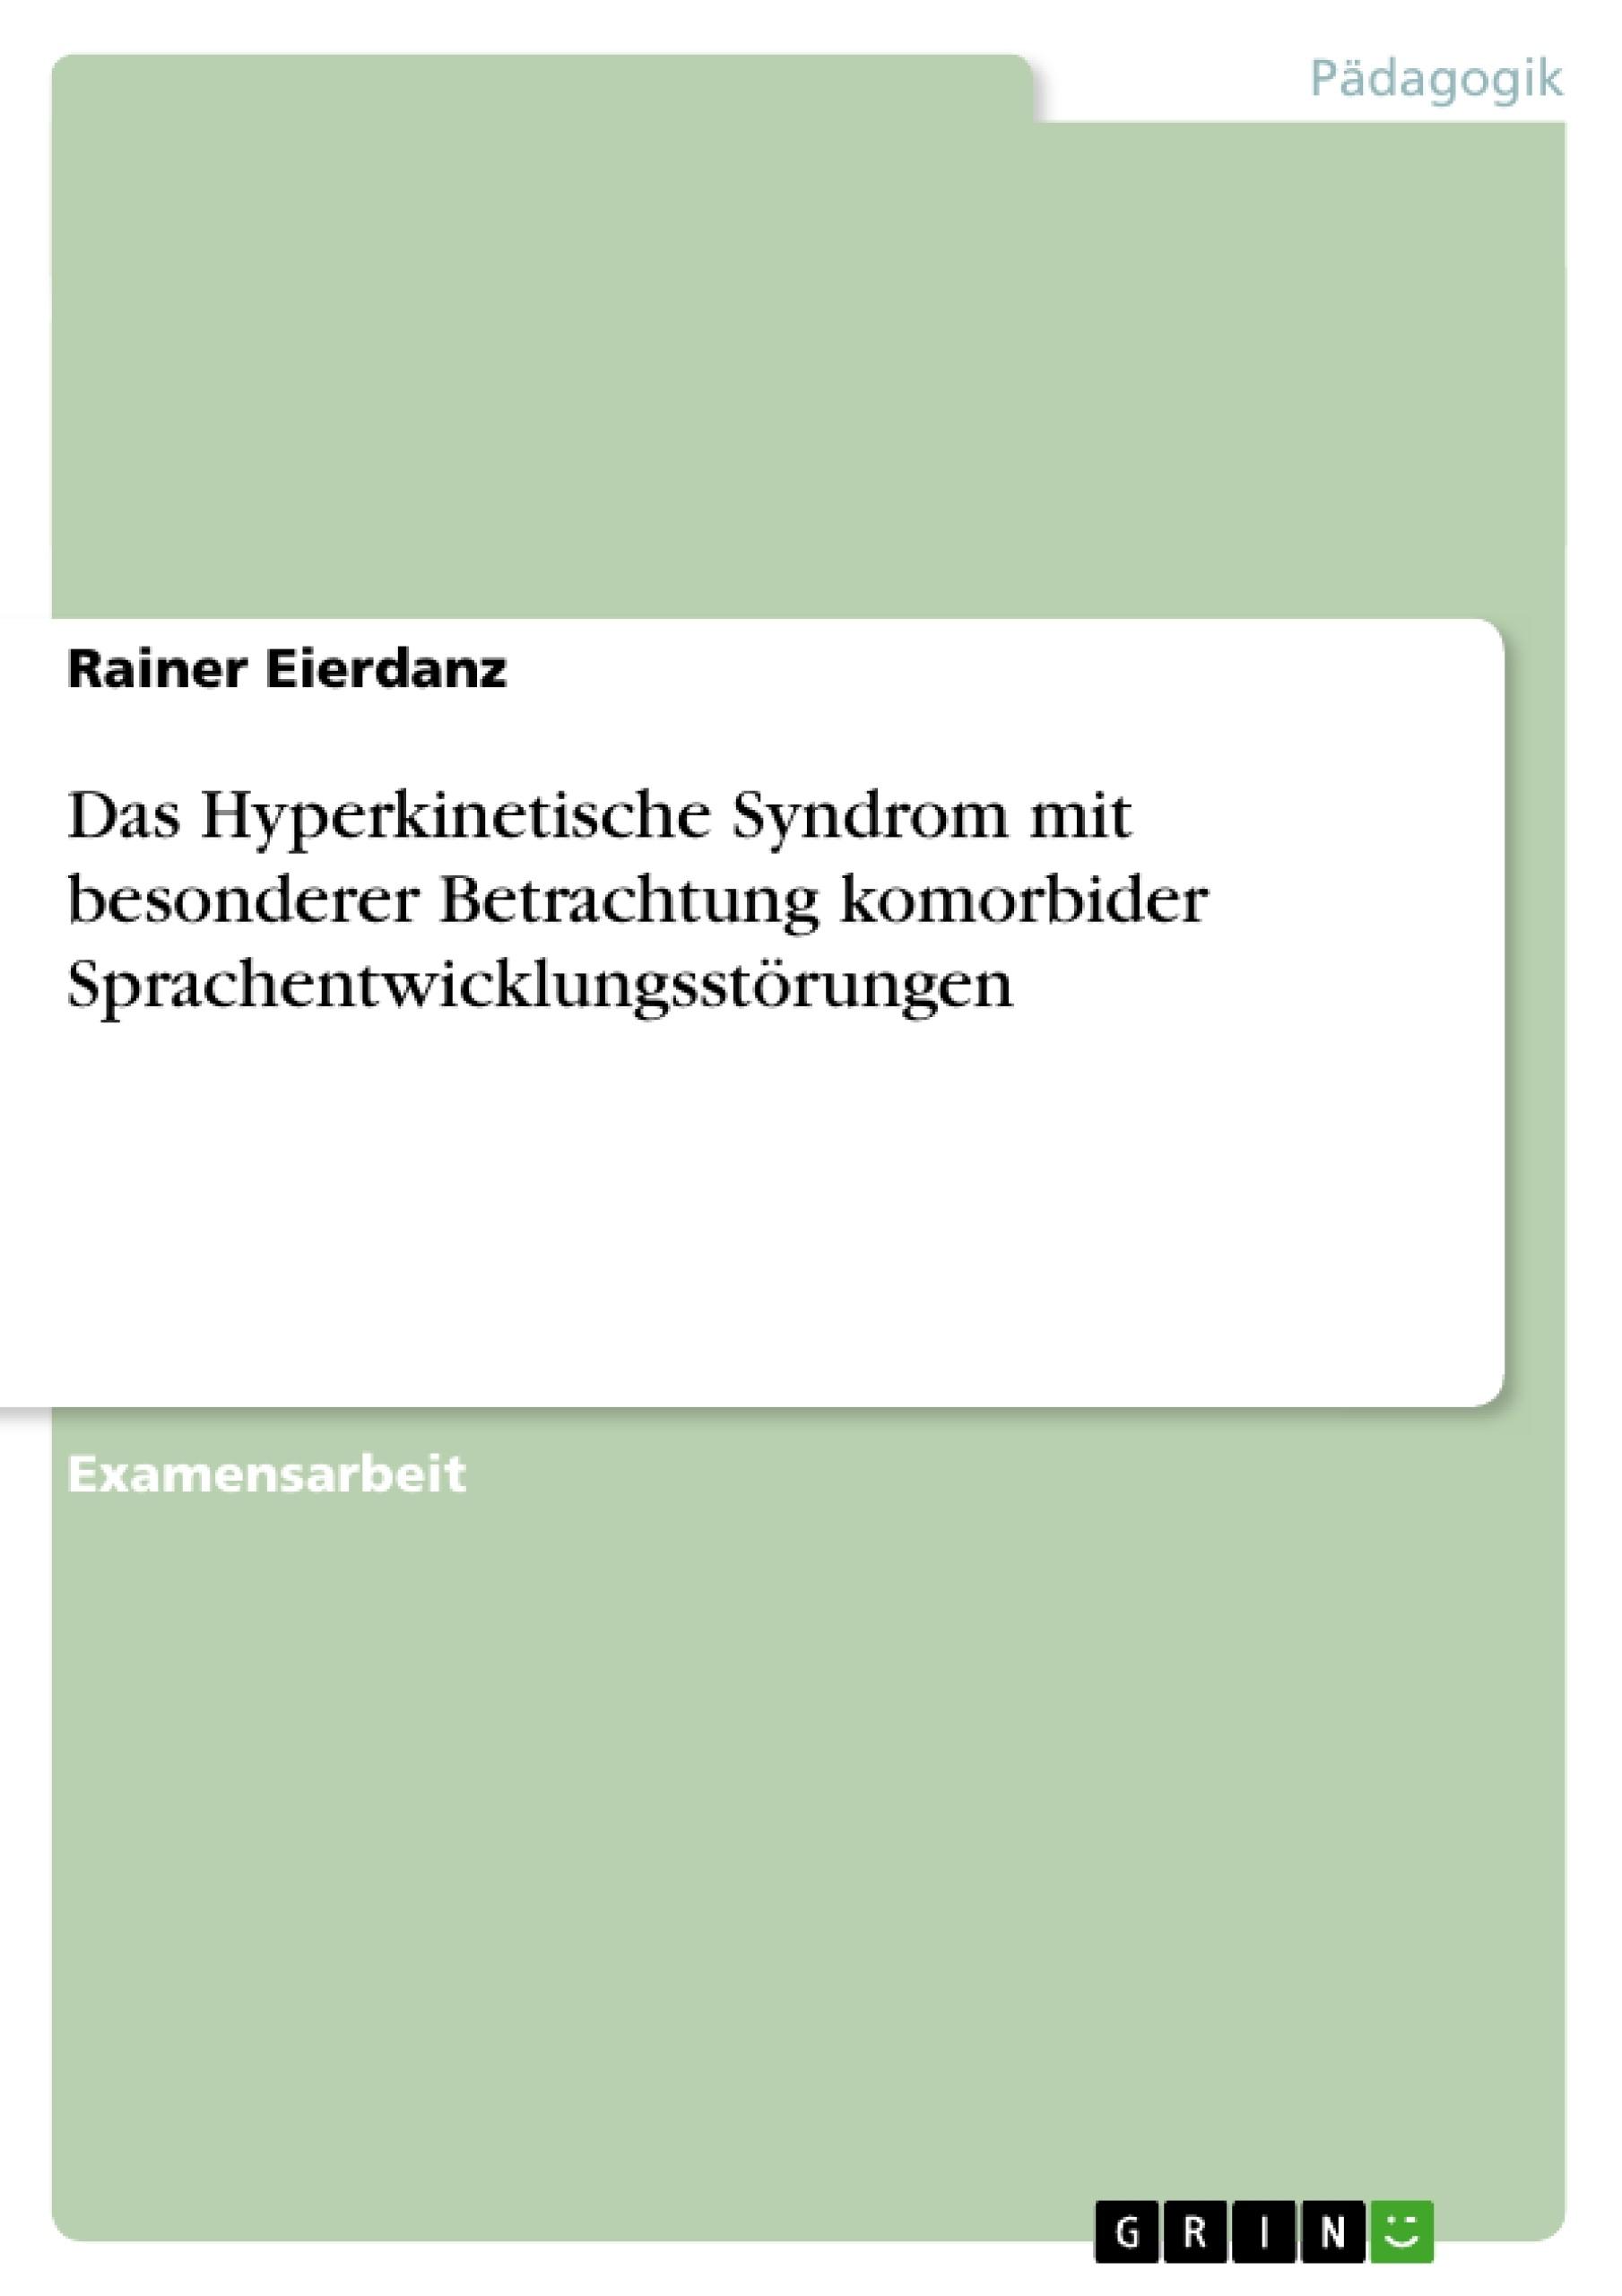 Titel: Das Hyperkinetische Syndrom mit besonderer Betrachtung komorbider Sprachentwicklungsstörungen